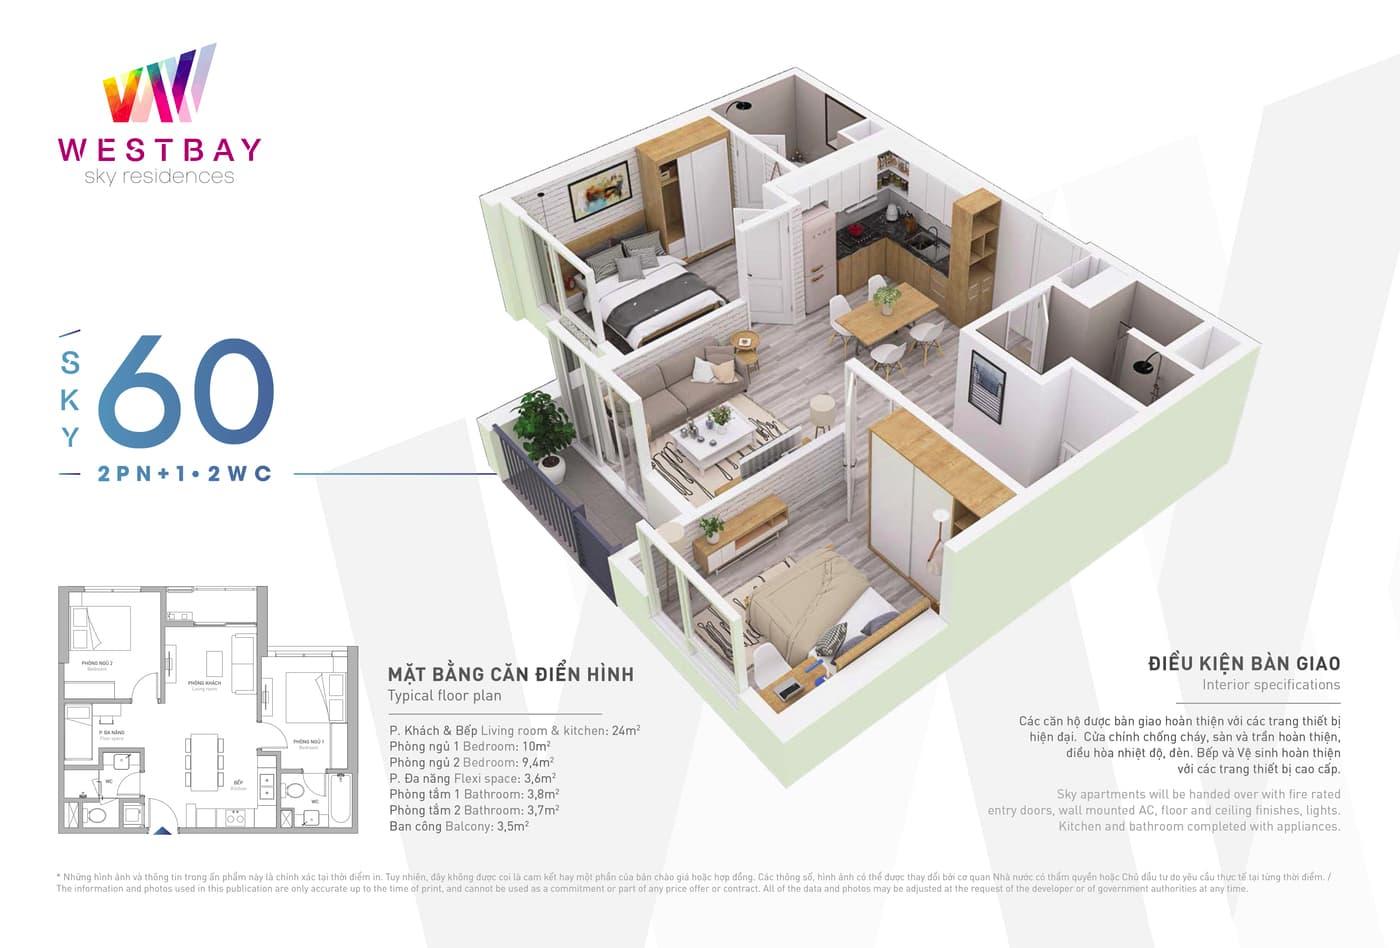 Mặt bằng căn hộ chung cư Westbay Ecopark - 60m2